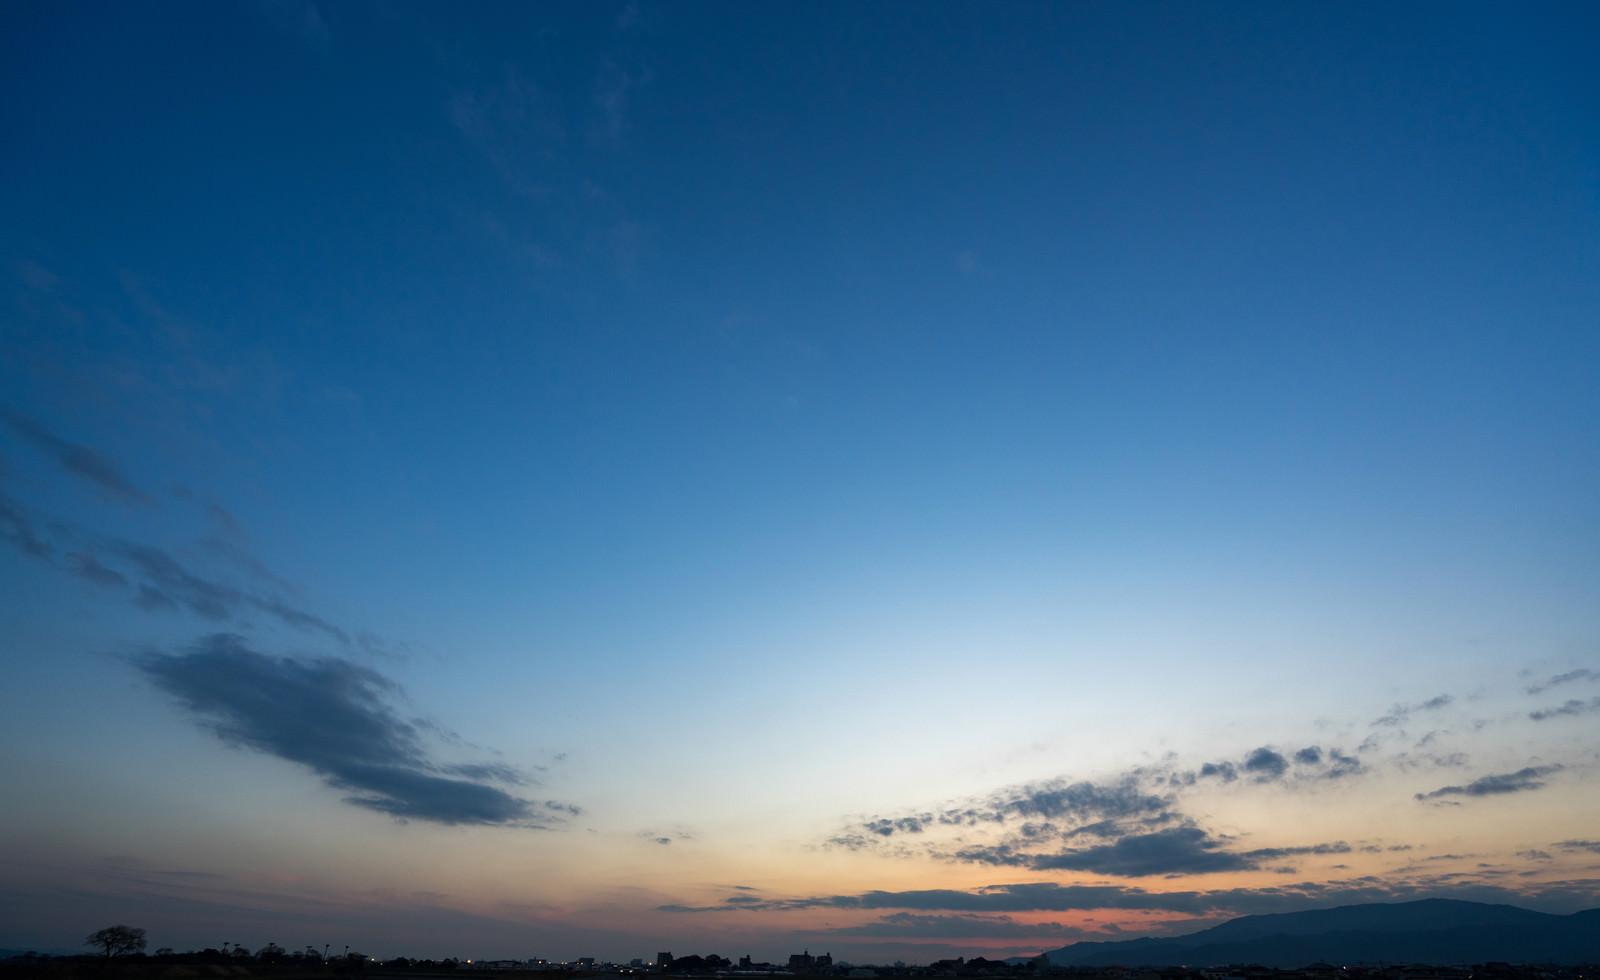 「夕暮れ時、日が沈む」の写真